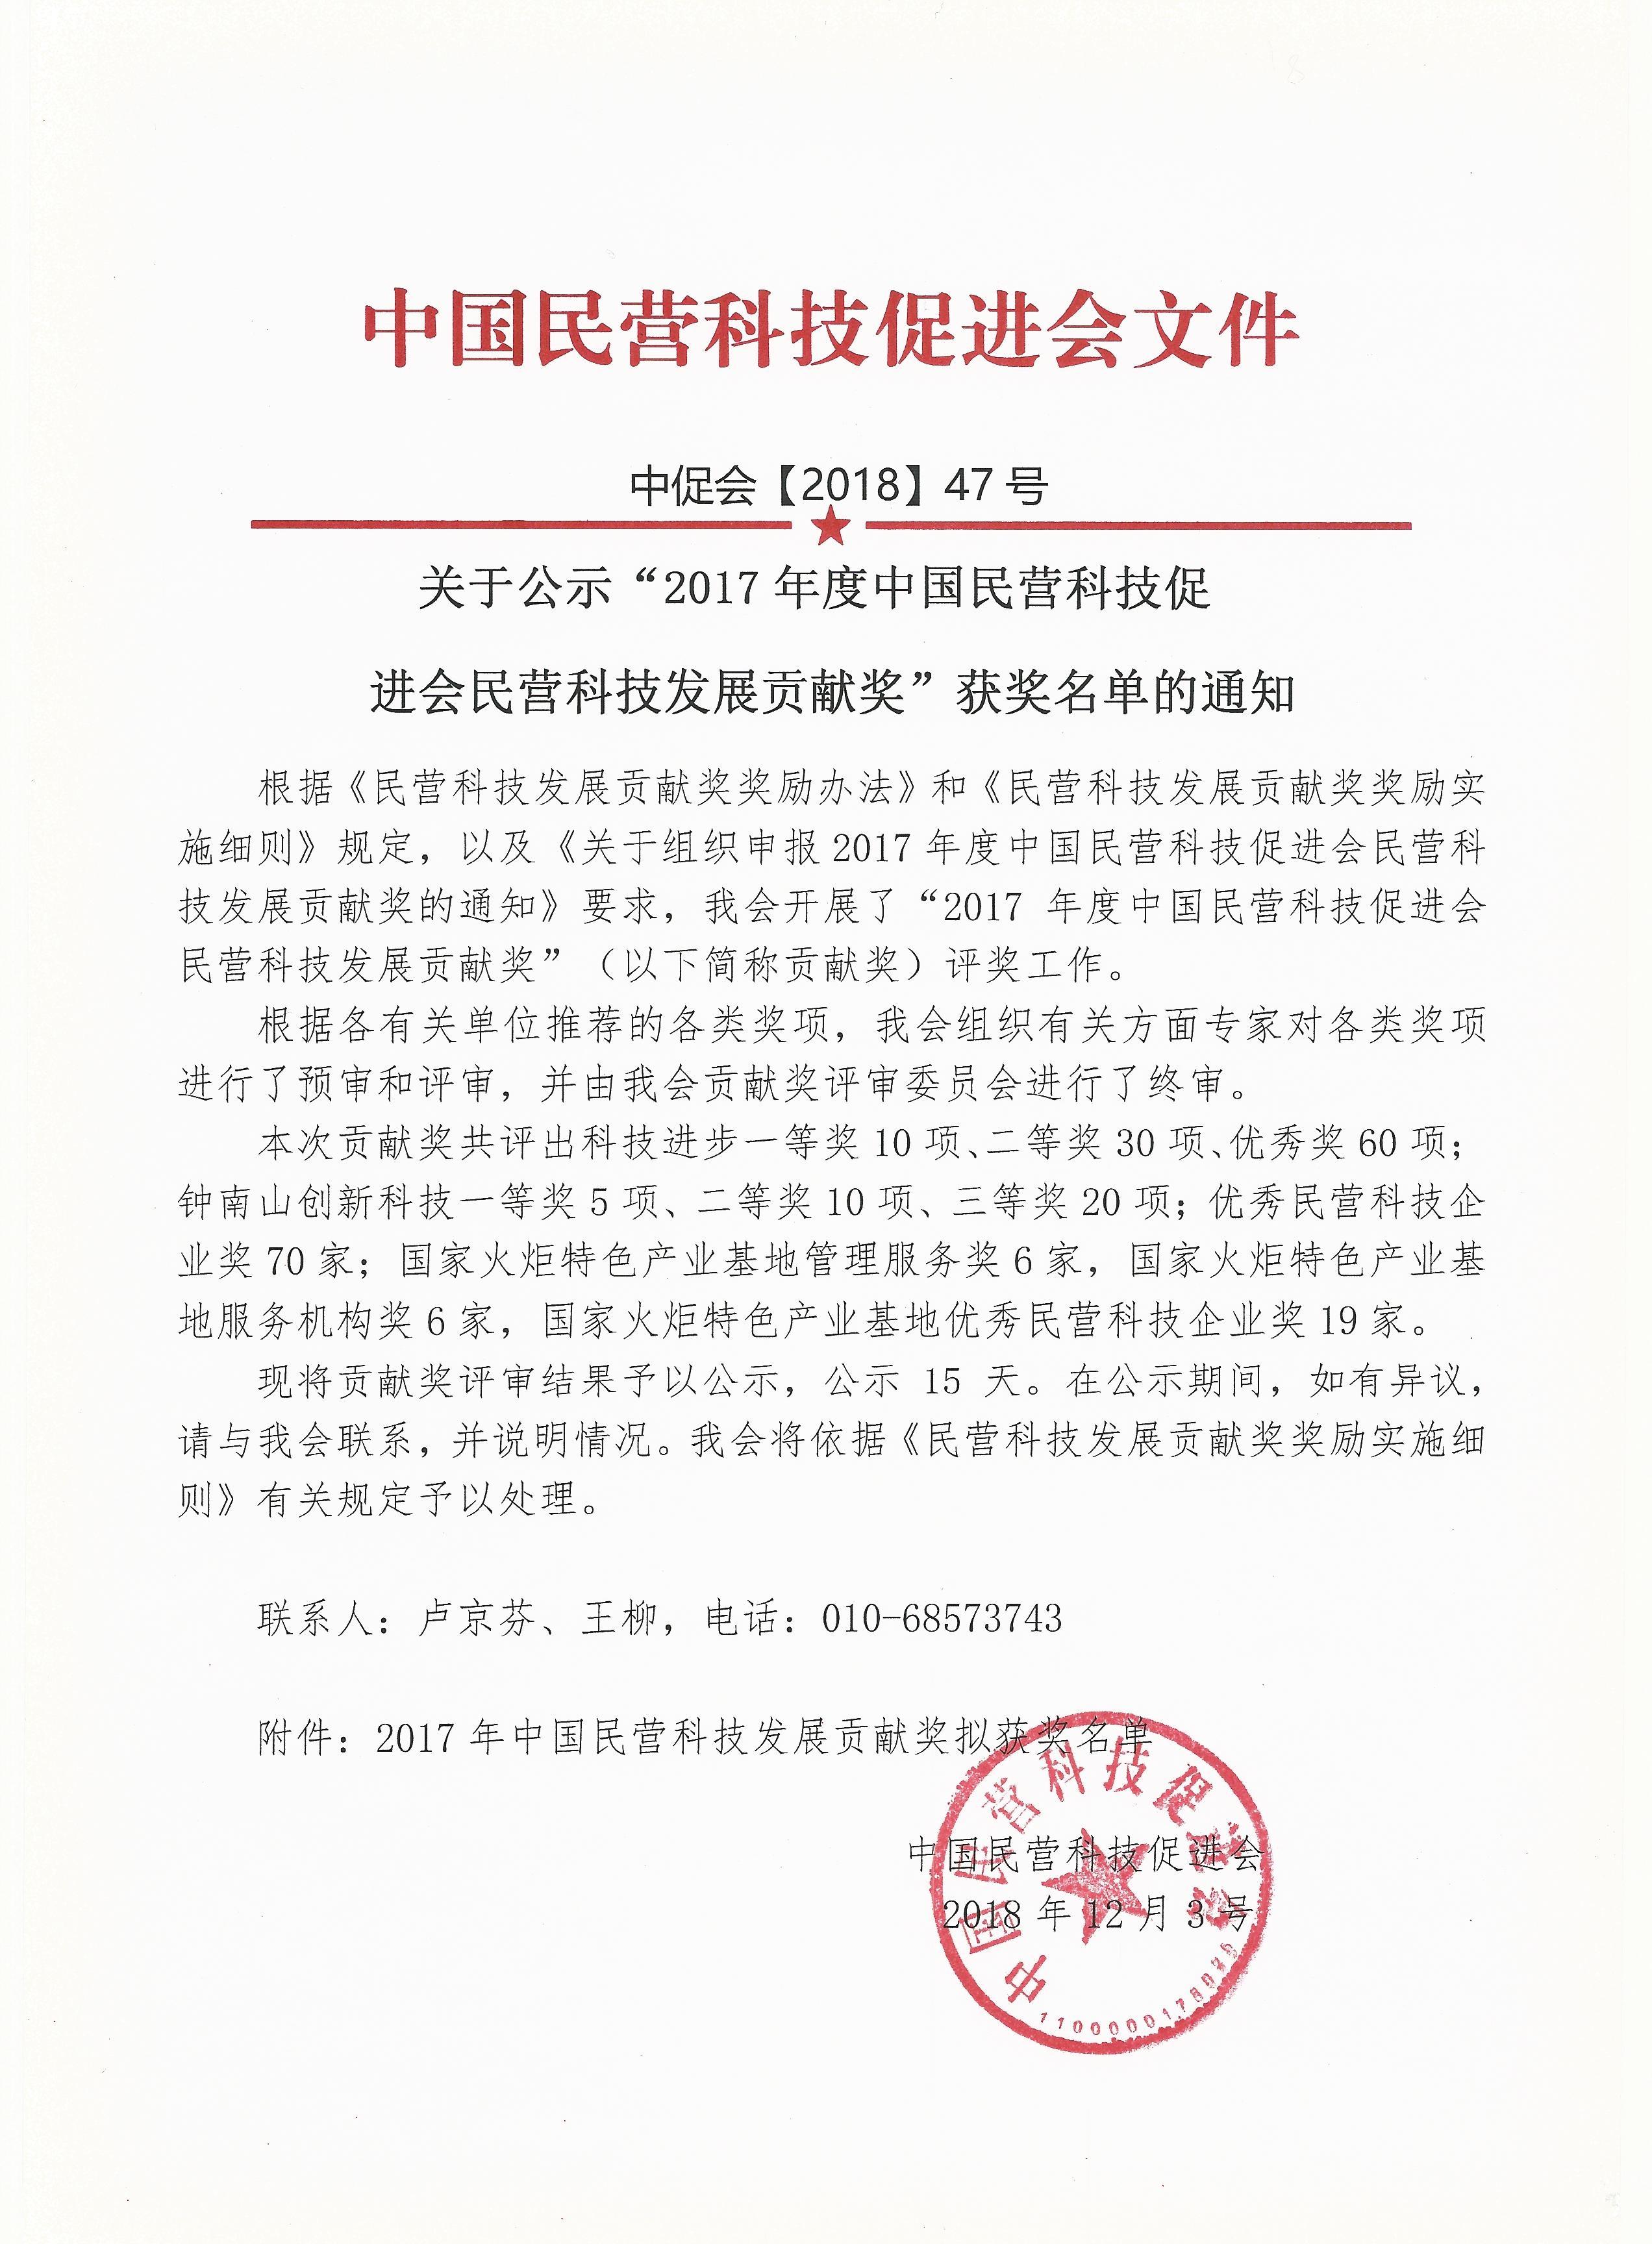 """2017年度中国民营科技促进会民营科技发展贡献奖""""获奖名单的通知图片"""